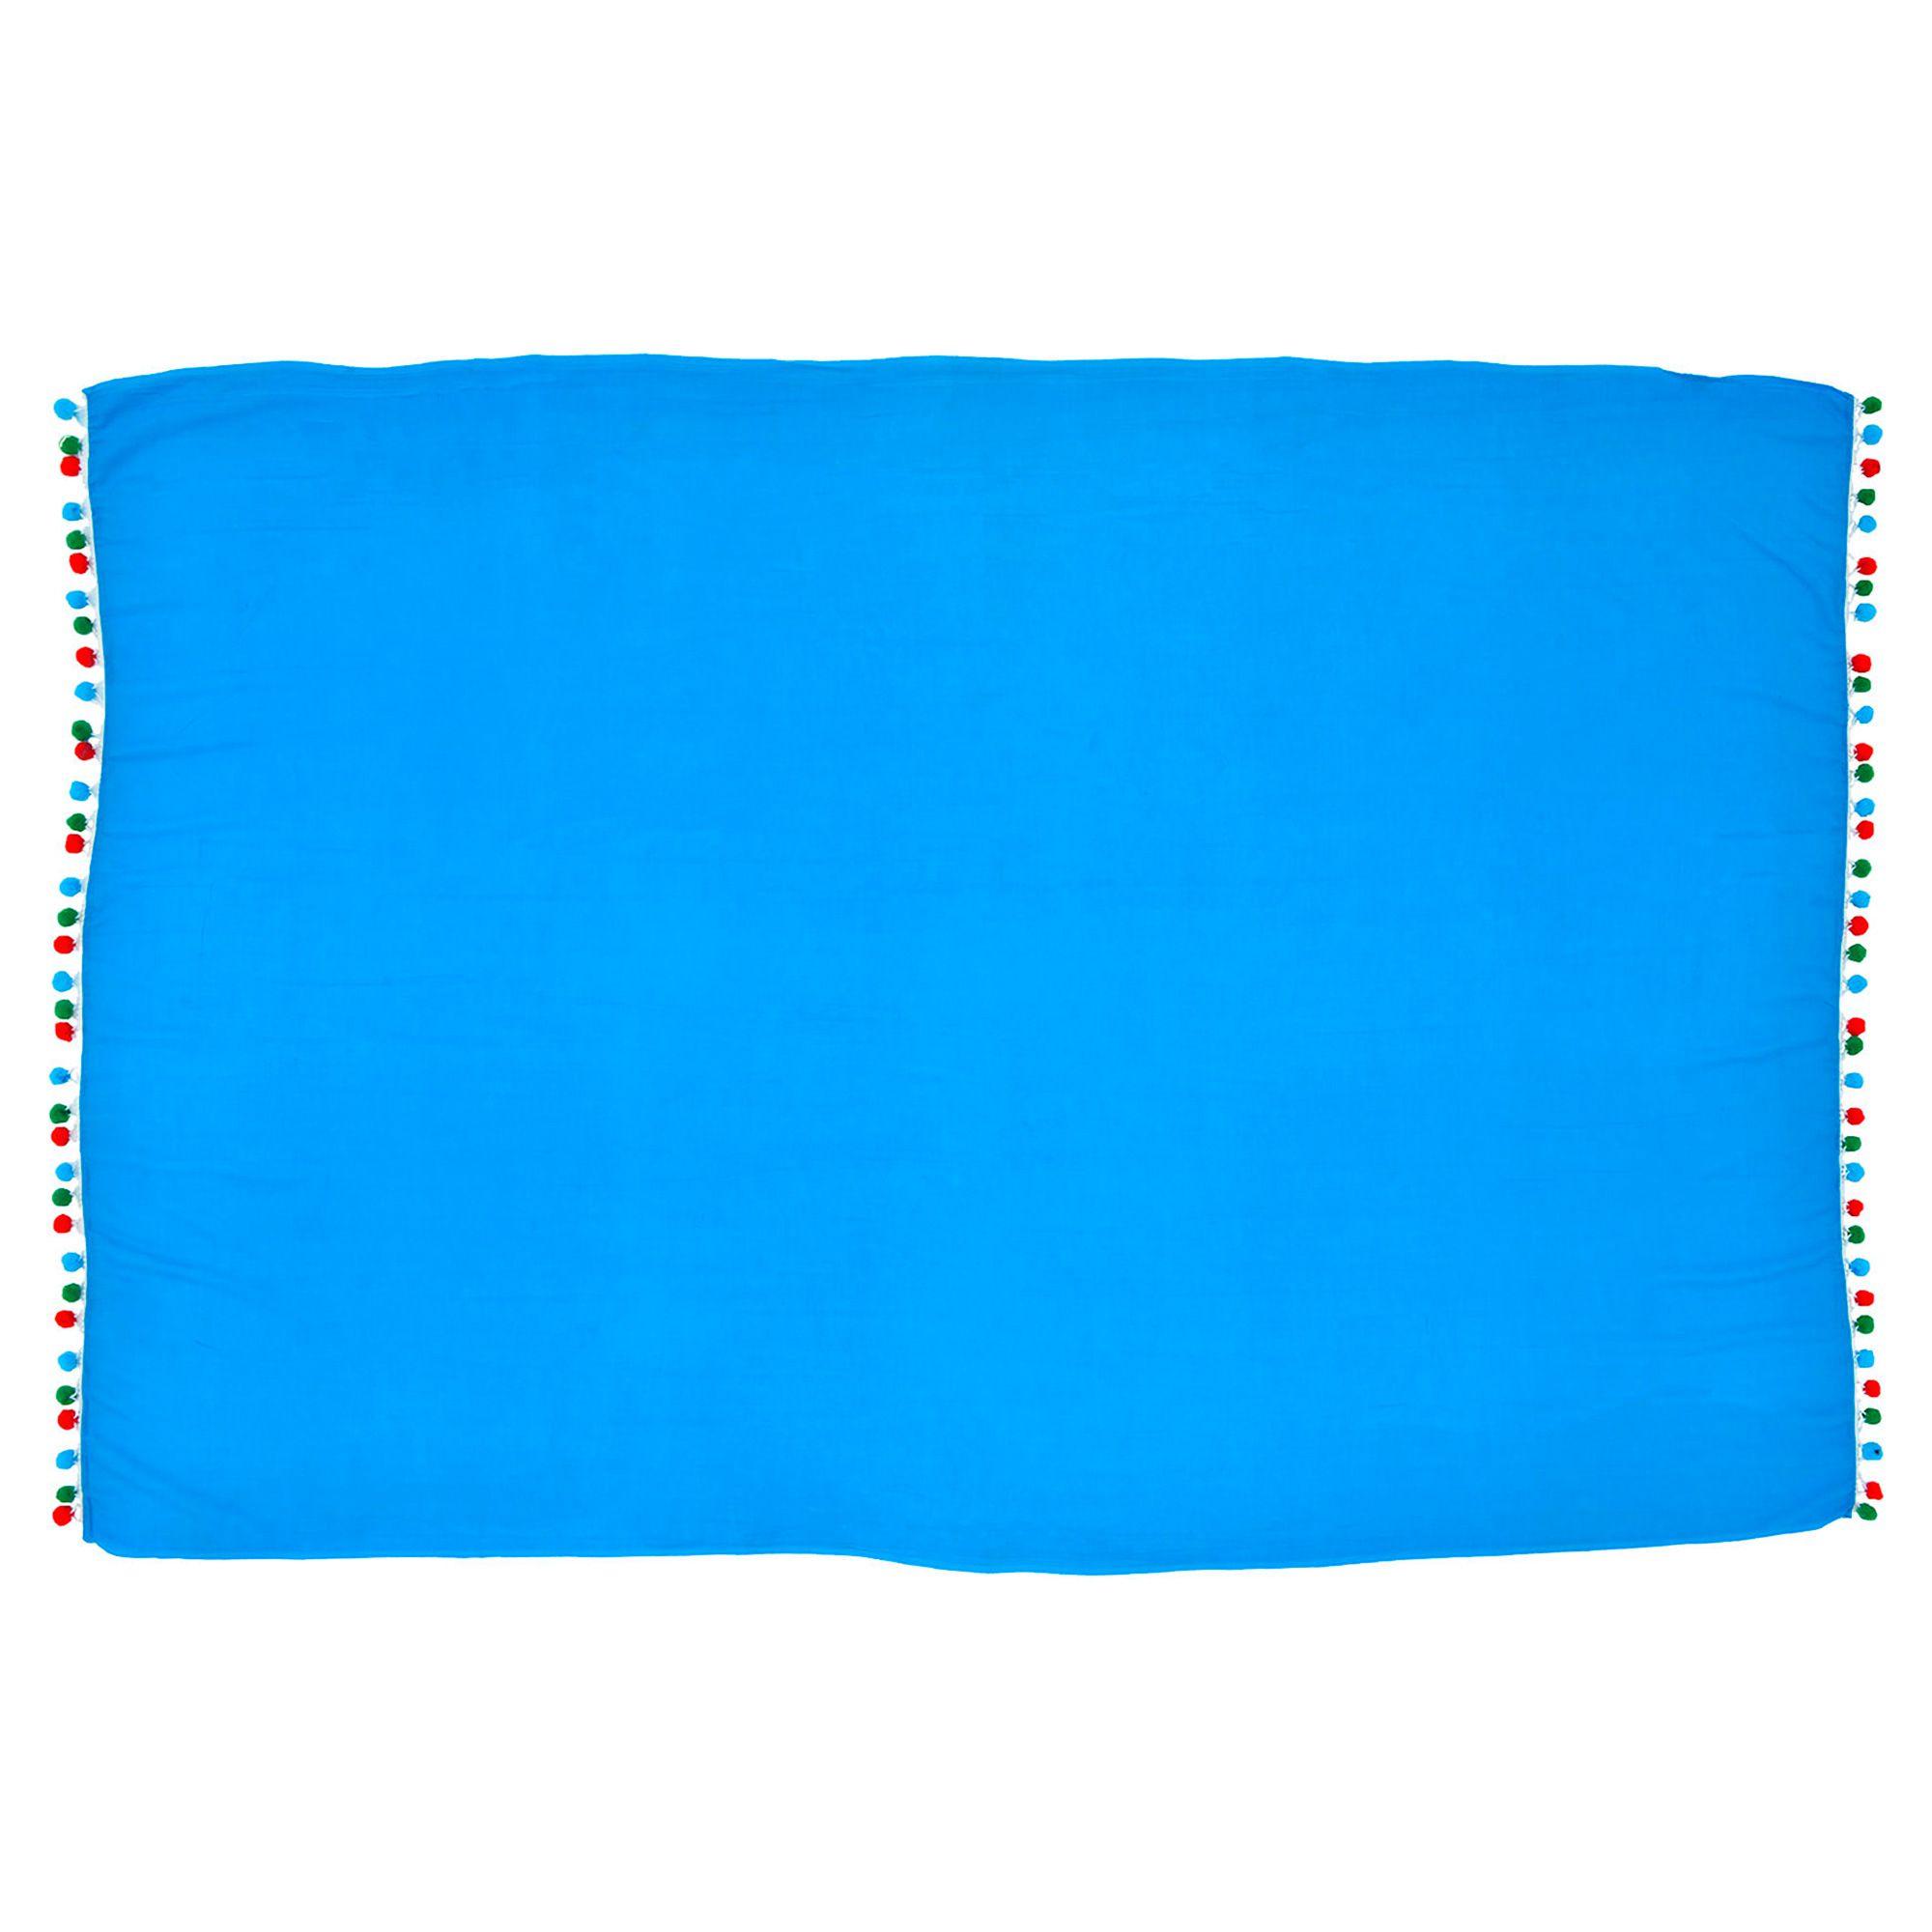 Canga Lisa Com Pom Pom Grande Azul